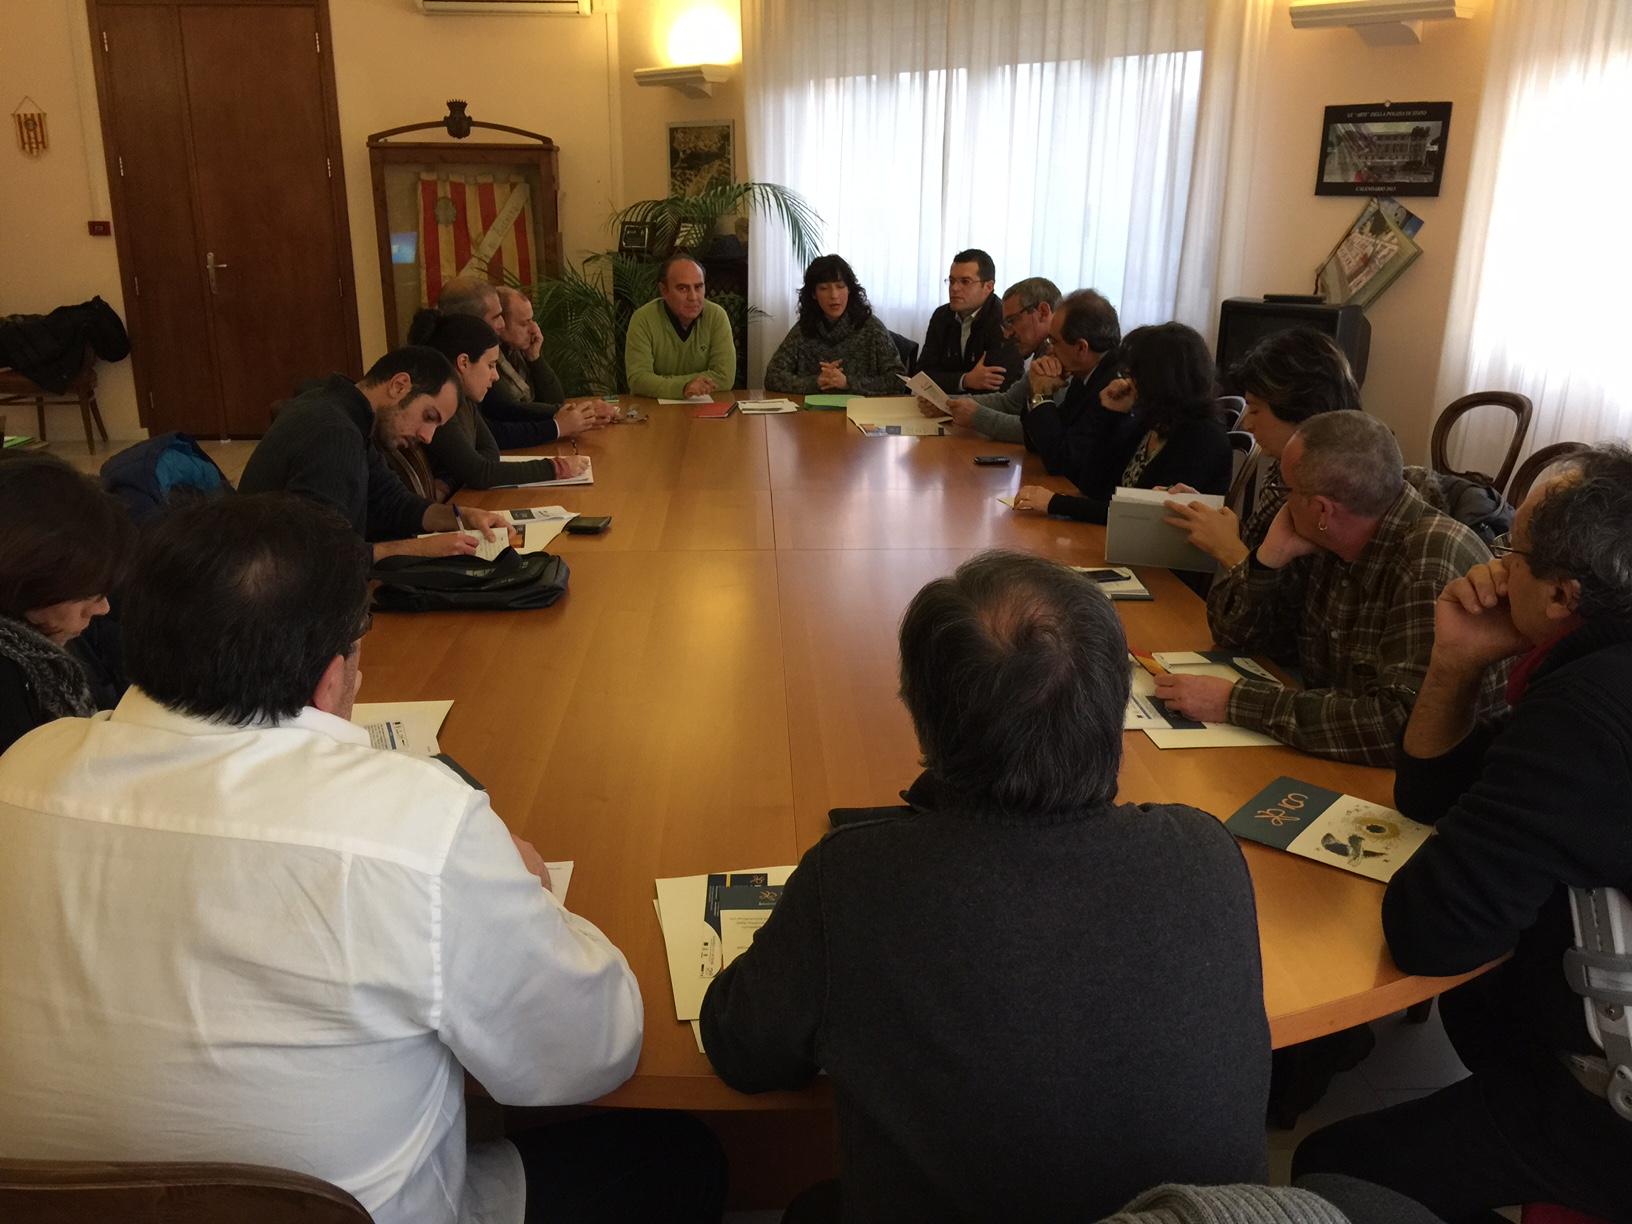 Lavoro occupazione e bonus per le imprese sono la priorità dell'Amministrazione Comunale di Alghero guidata dal Sindaco Mario Bruno.